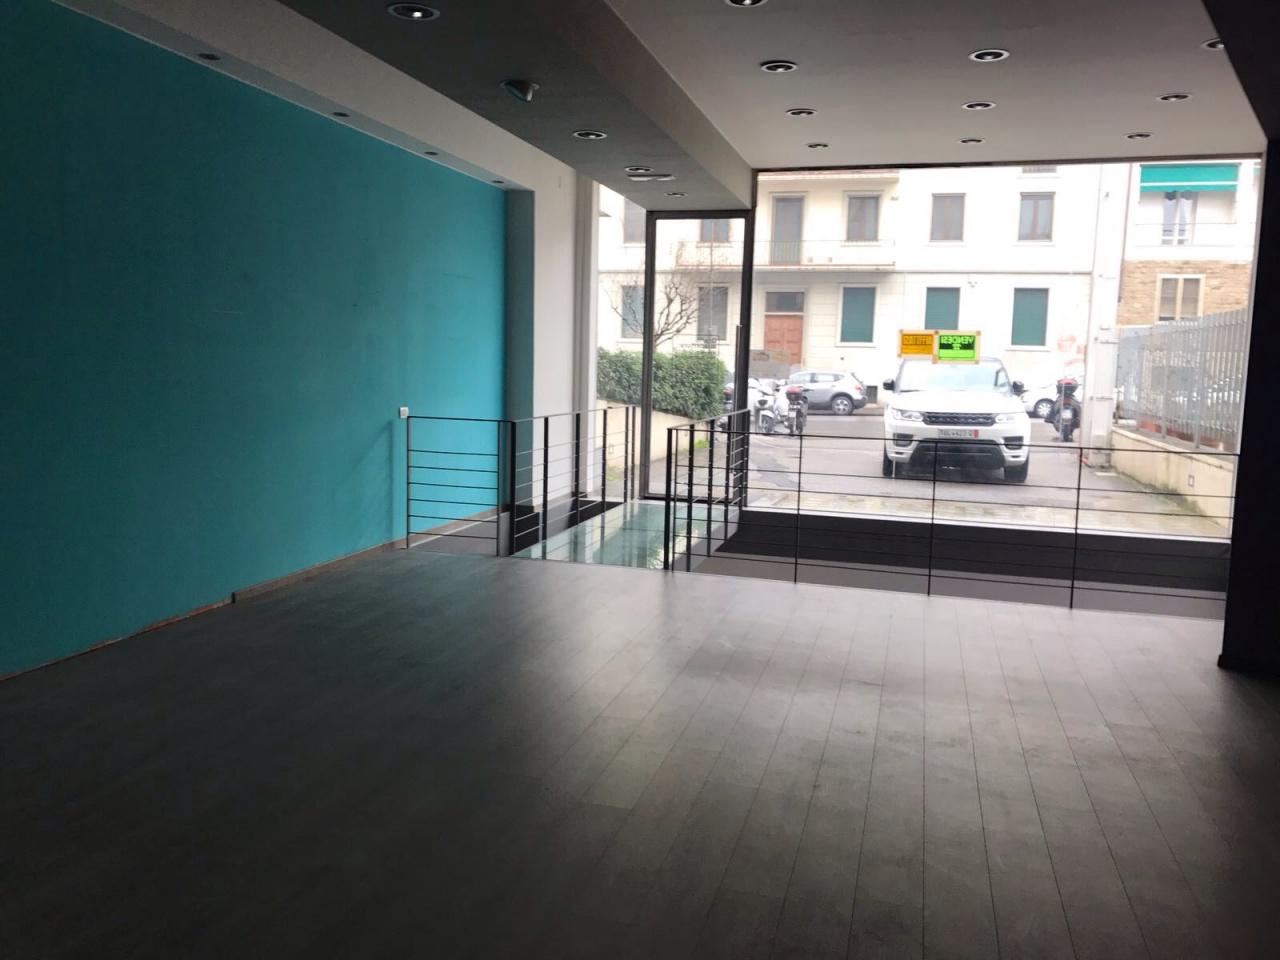 Negozio / Locale in vendita a Firenze, 2 locali, prezzo € 690.000 | CambioCasa.it